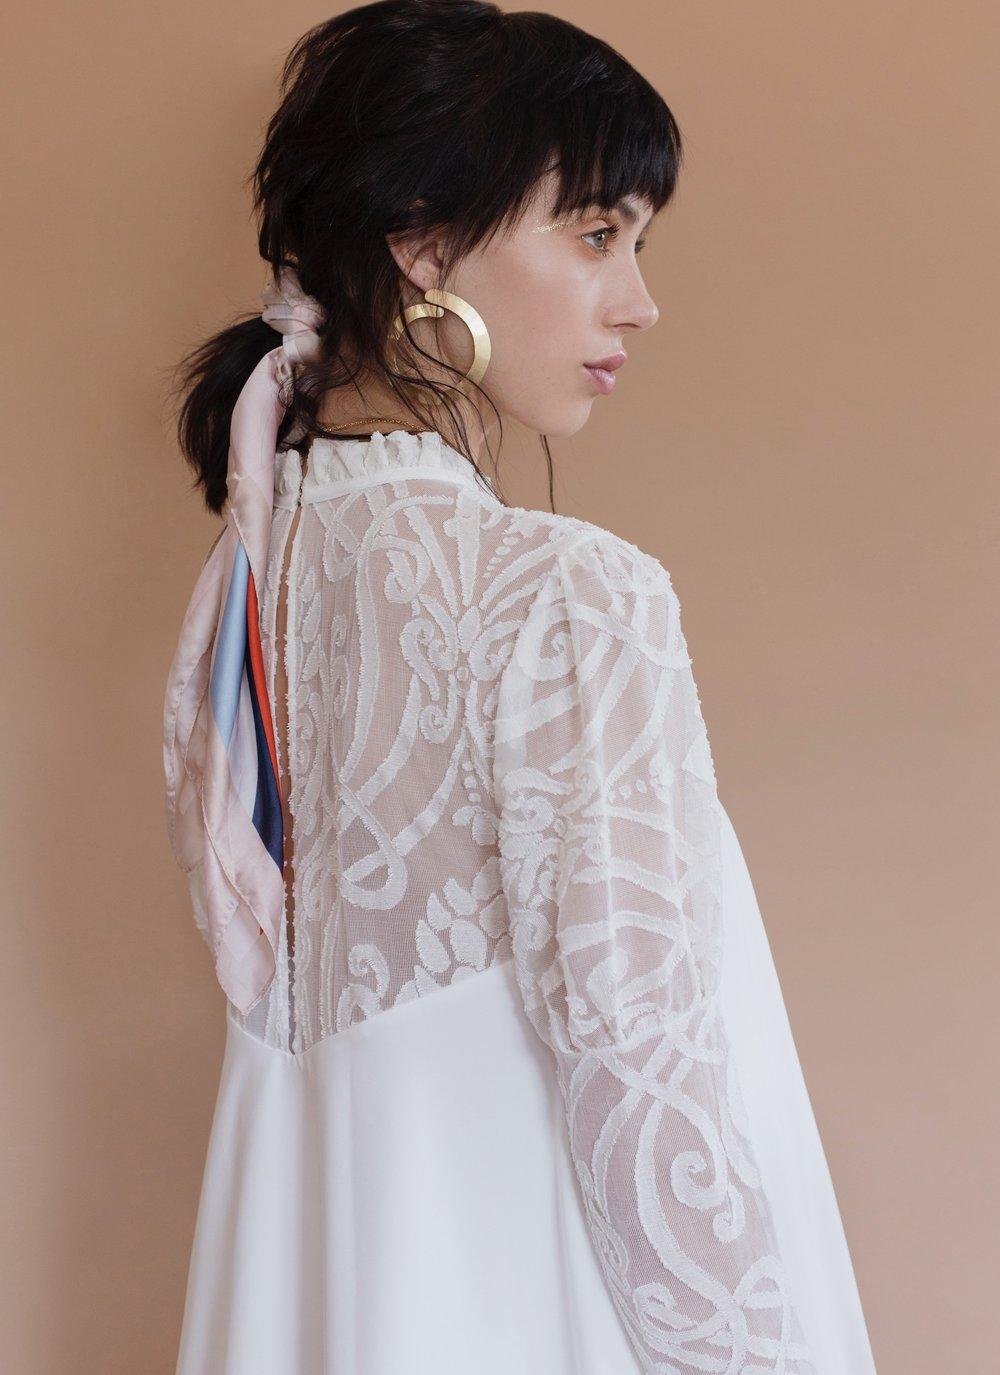 Portraits Cool Bridal Hair and Make-Up2.jpg